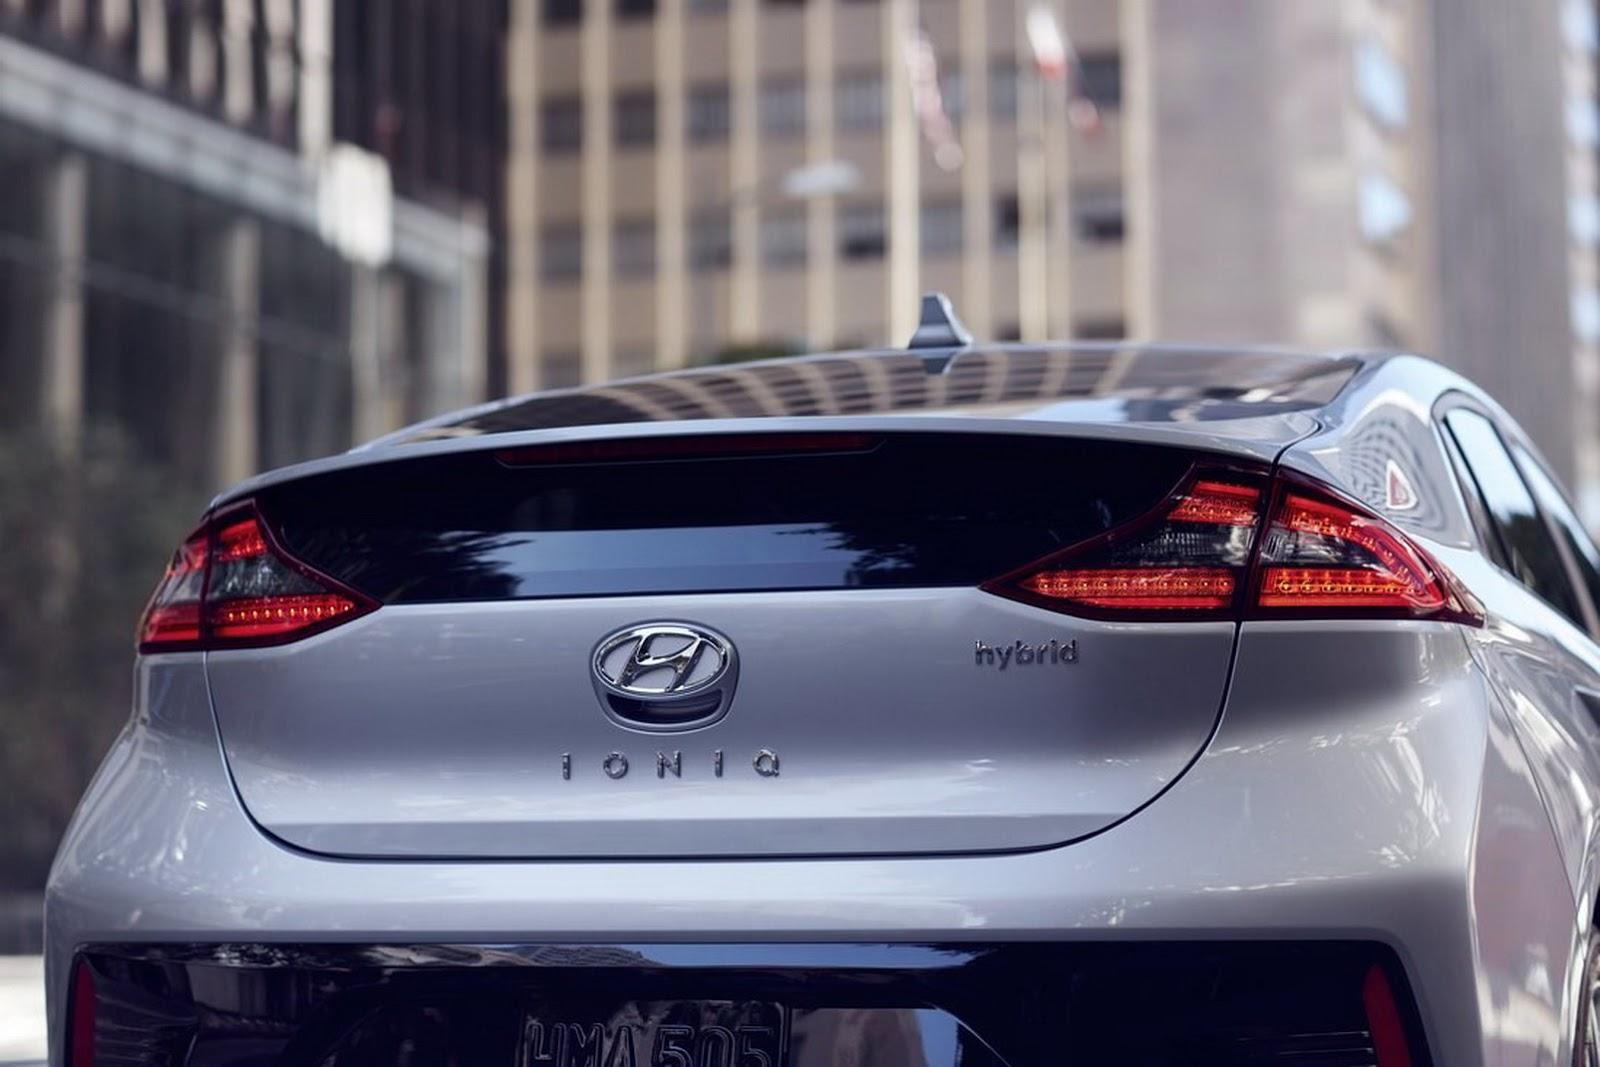 Đánh giá xe Hyundai Ioniq 2017